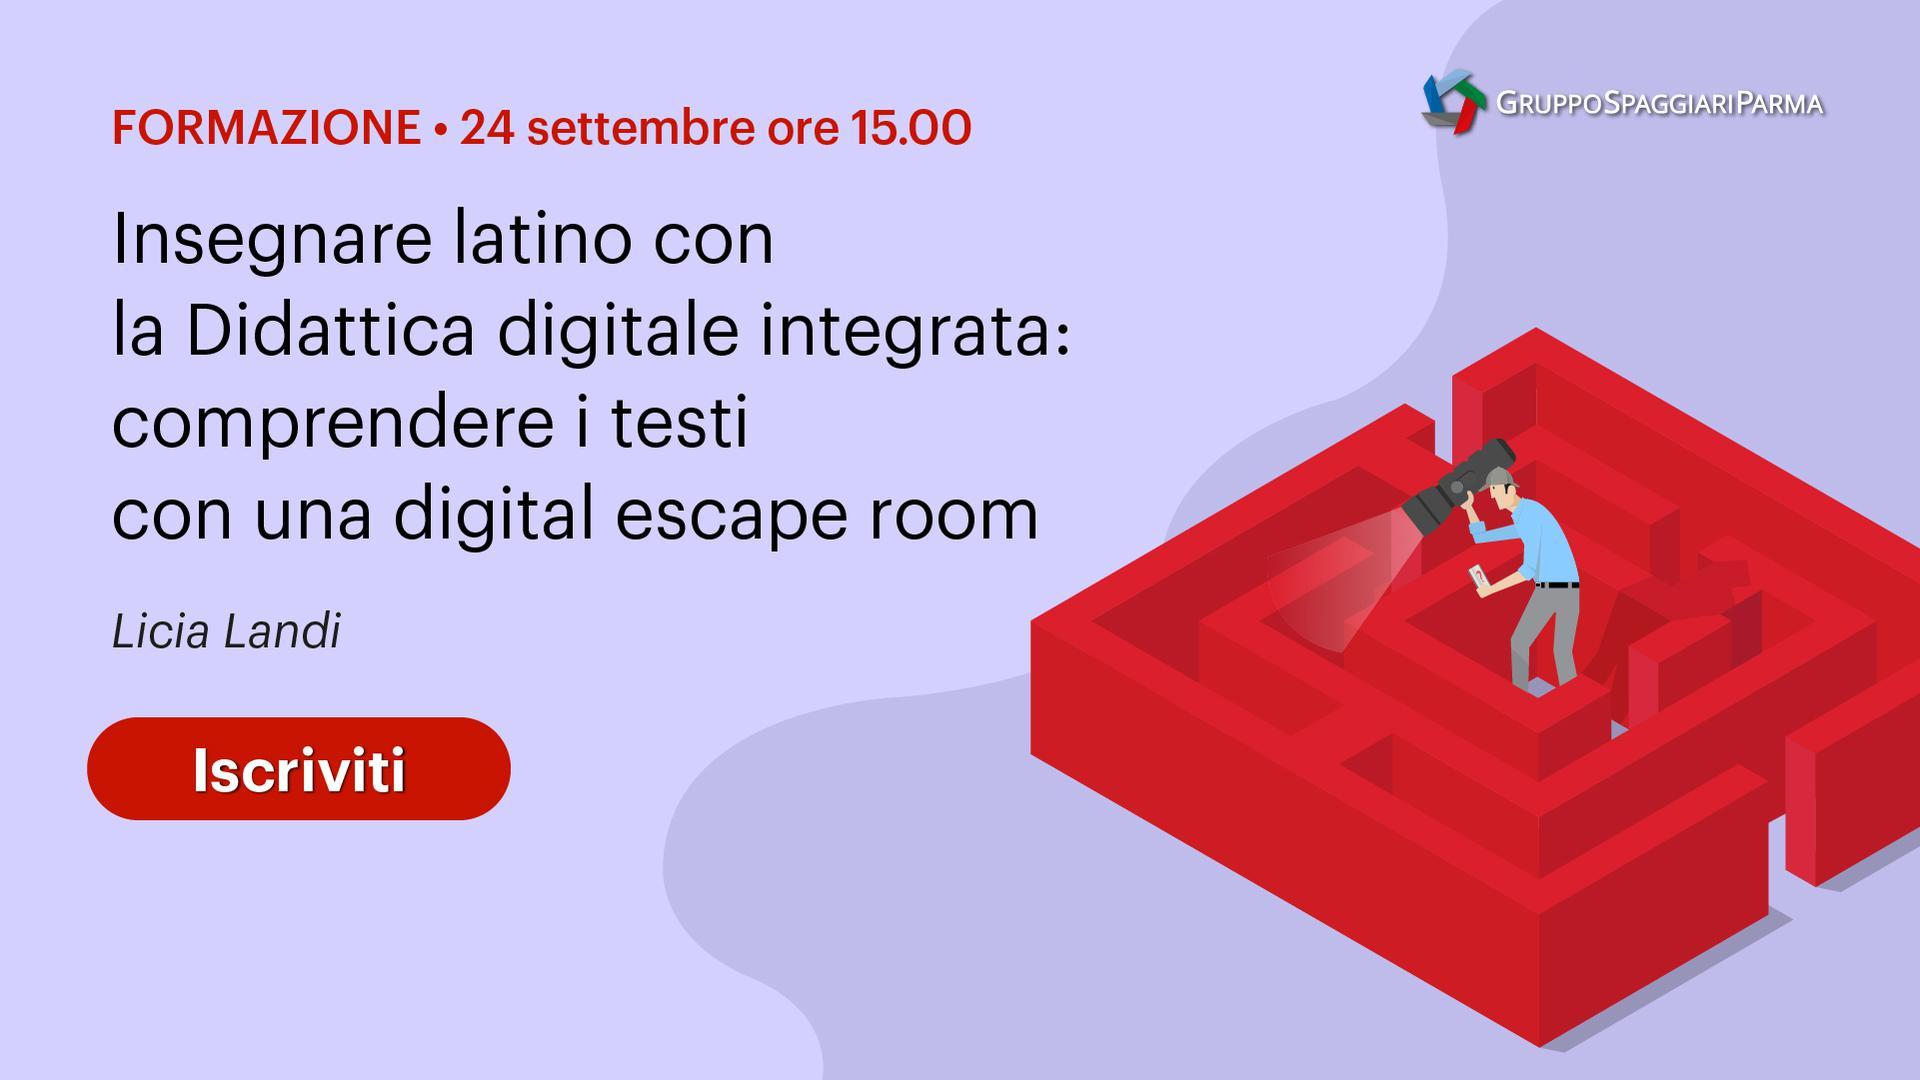 Insegnare latino con la Didattica digitale integrata: comprendere i testi con una digital escape room